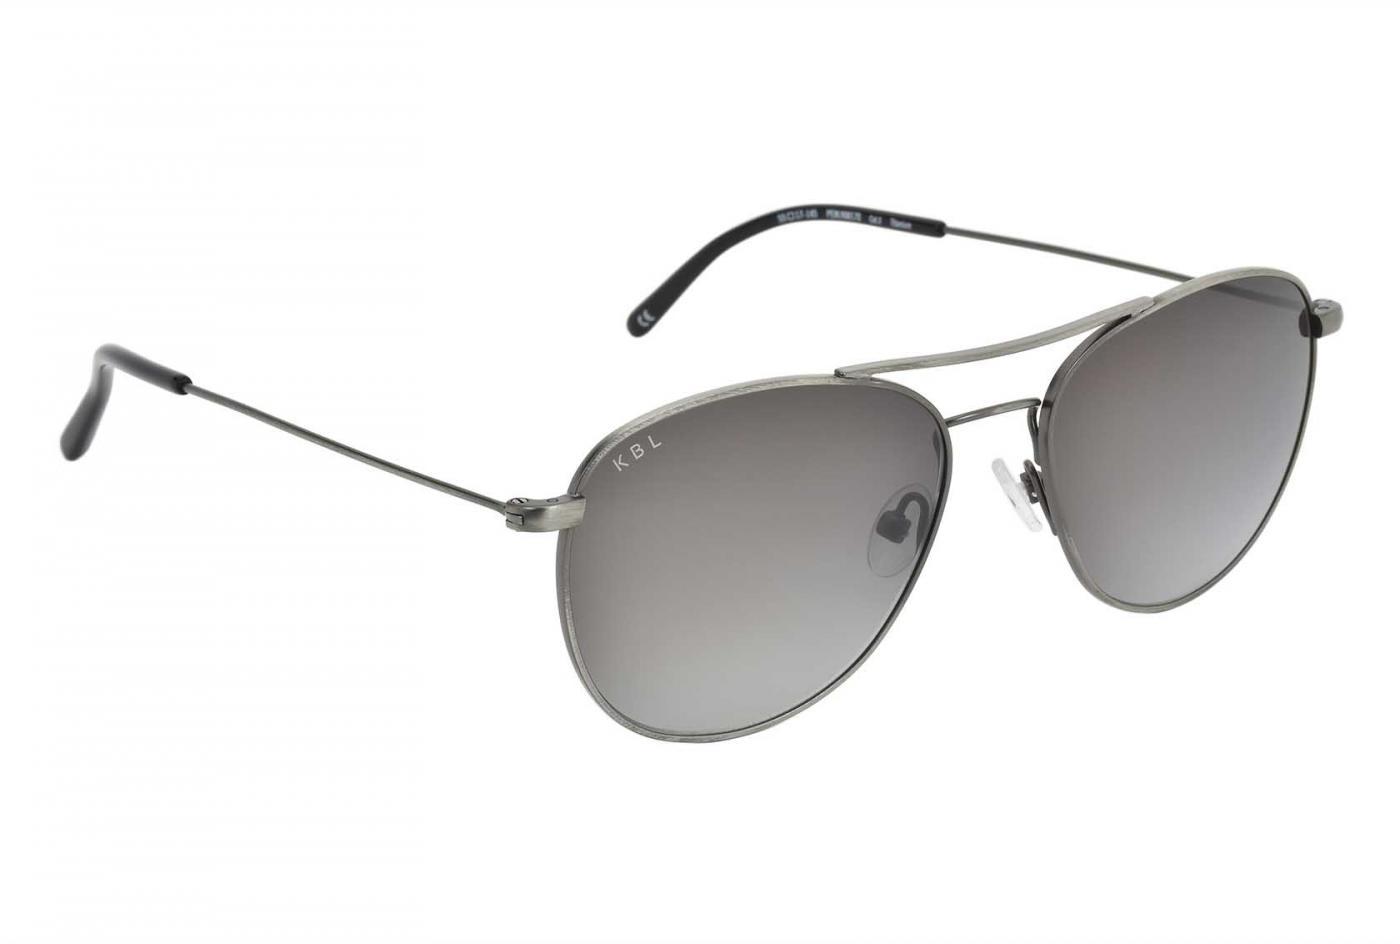 kbl eyewear – Kbl the bryant - the bryant- km170 størrelse 55 fra brodersen + kobborg